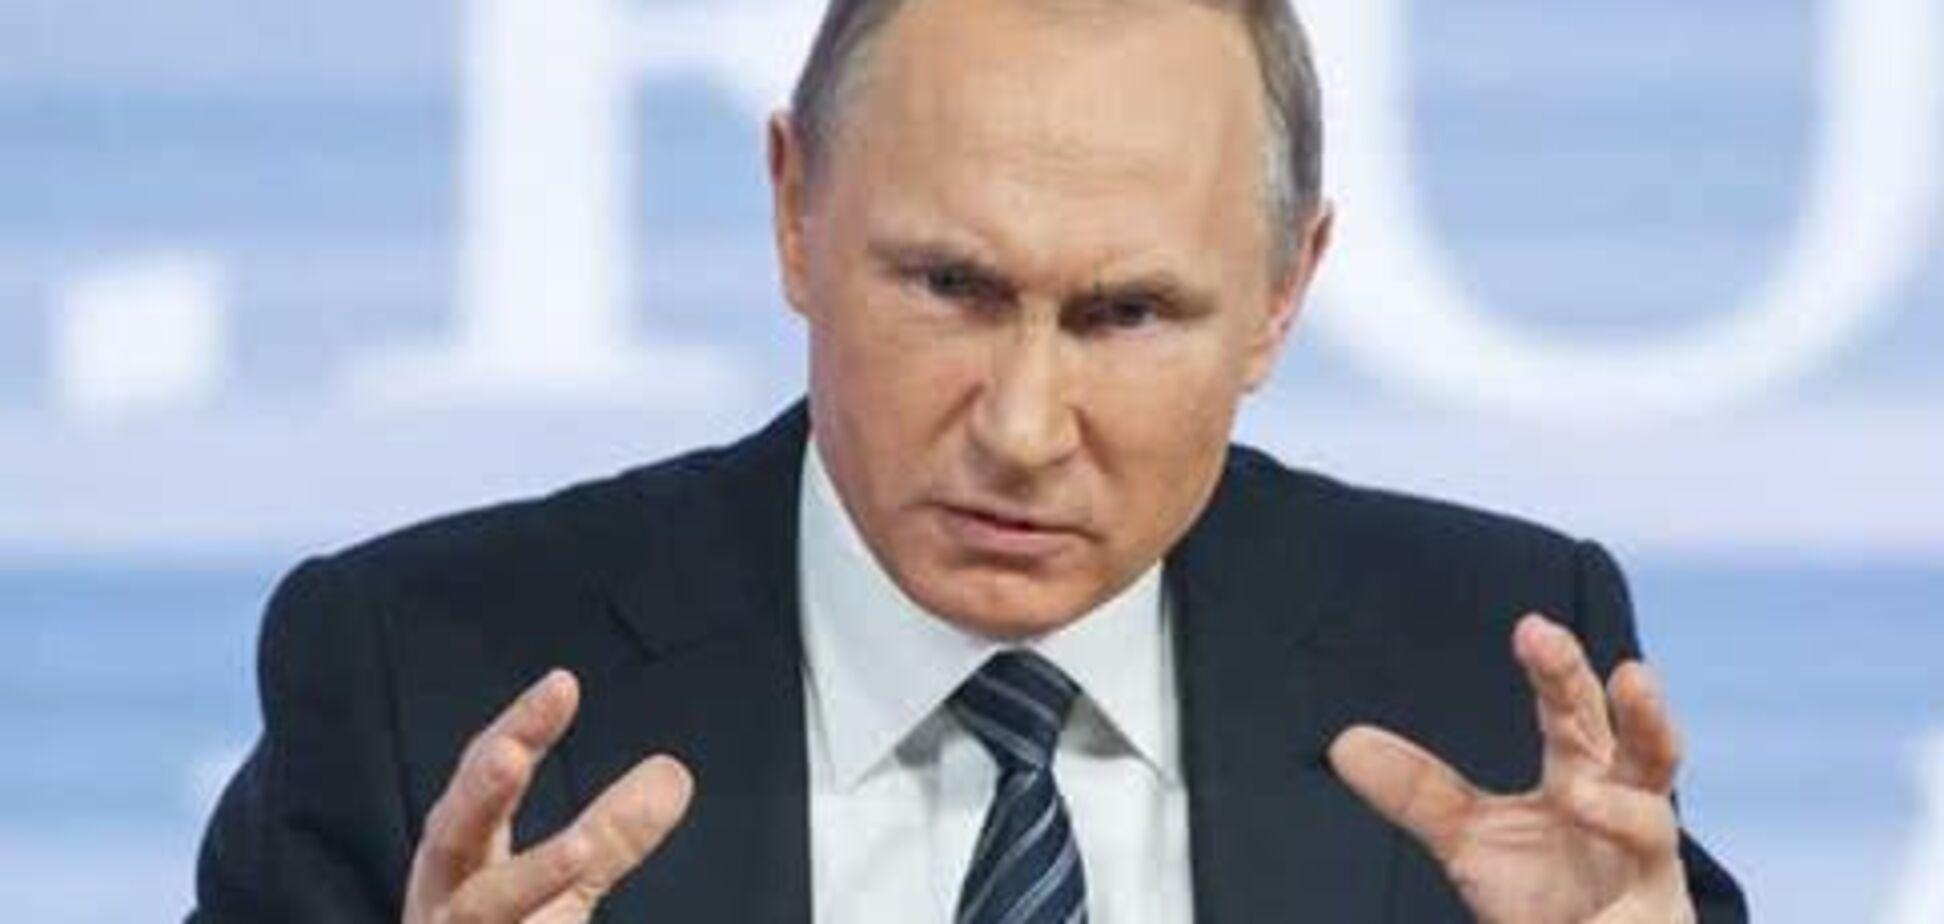 ''Росія їх навіть не визнає'': стало відомо, навіщо Кремлю ''вибори'' в ''Л/ДНР''